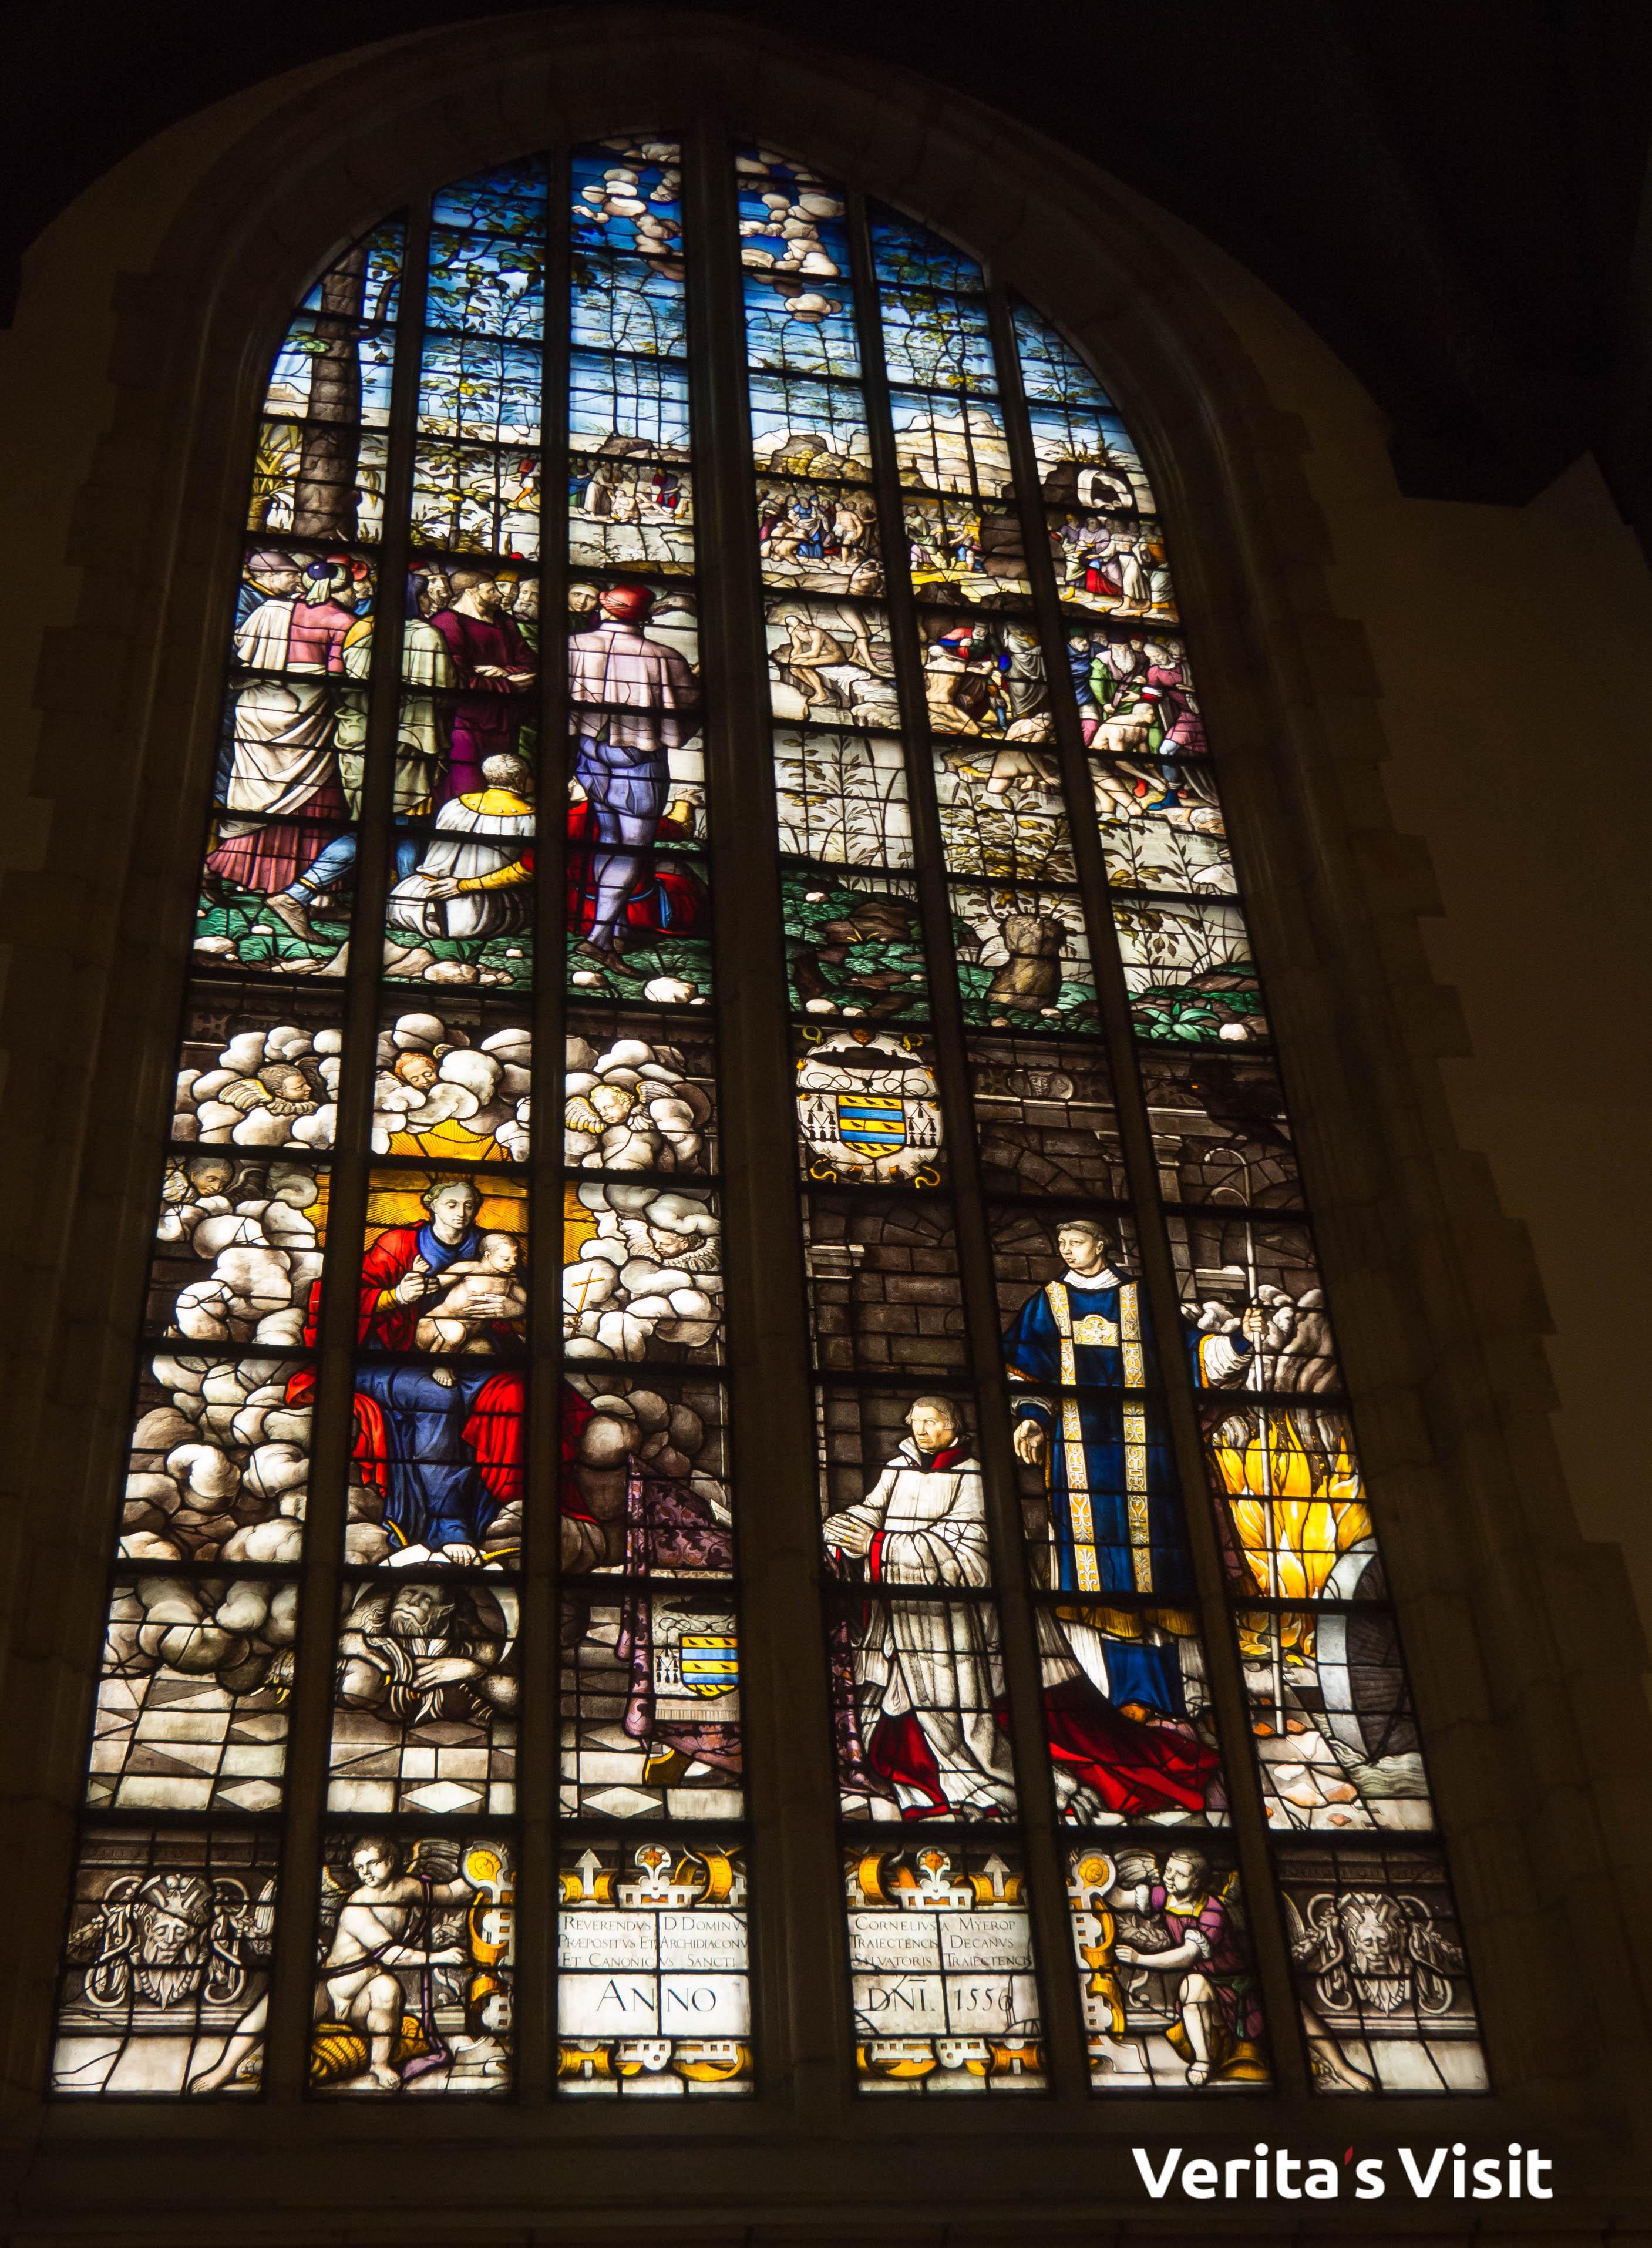 stained glass tour Gouda gebrandschilderde glazen rondleiding Verita's Visit